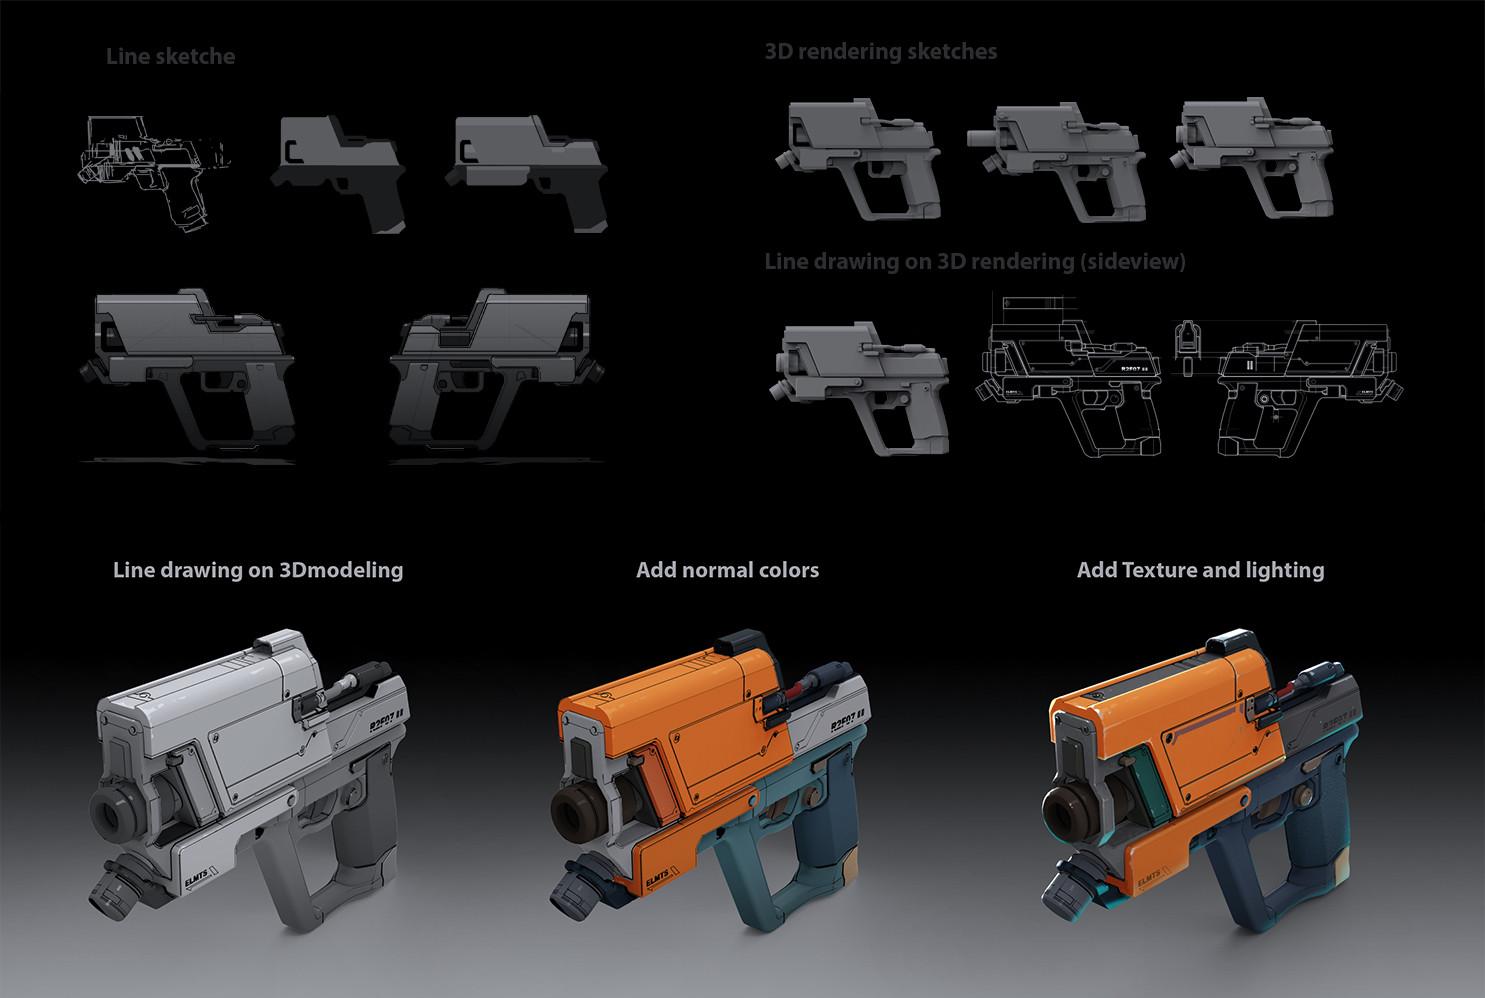 Il kim guns last a 1